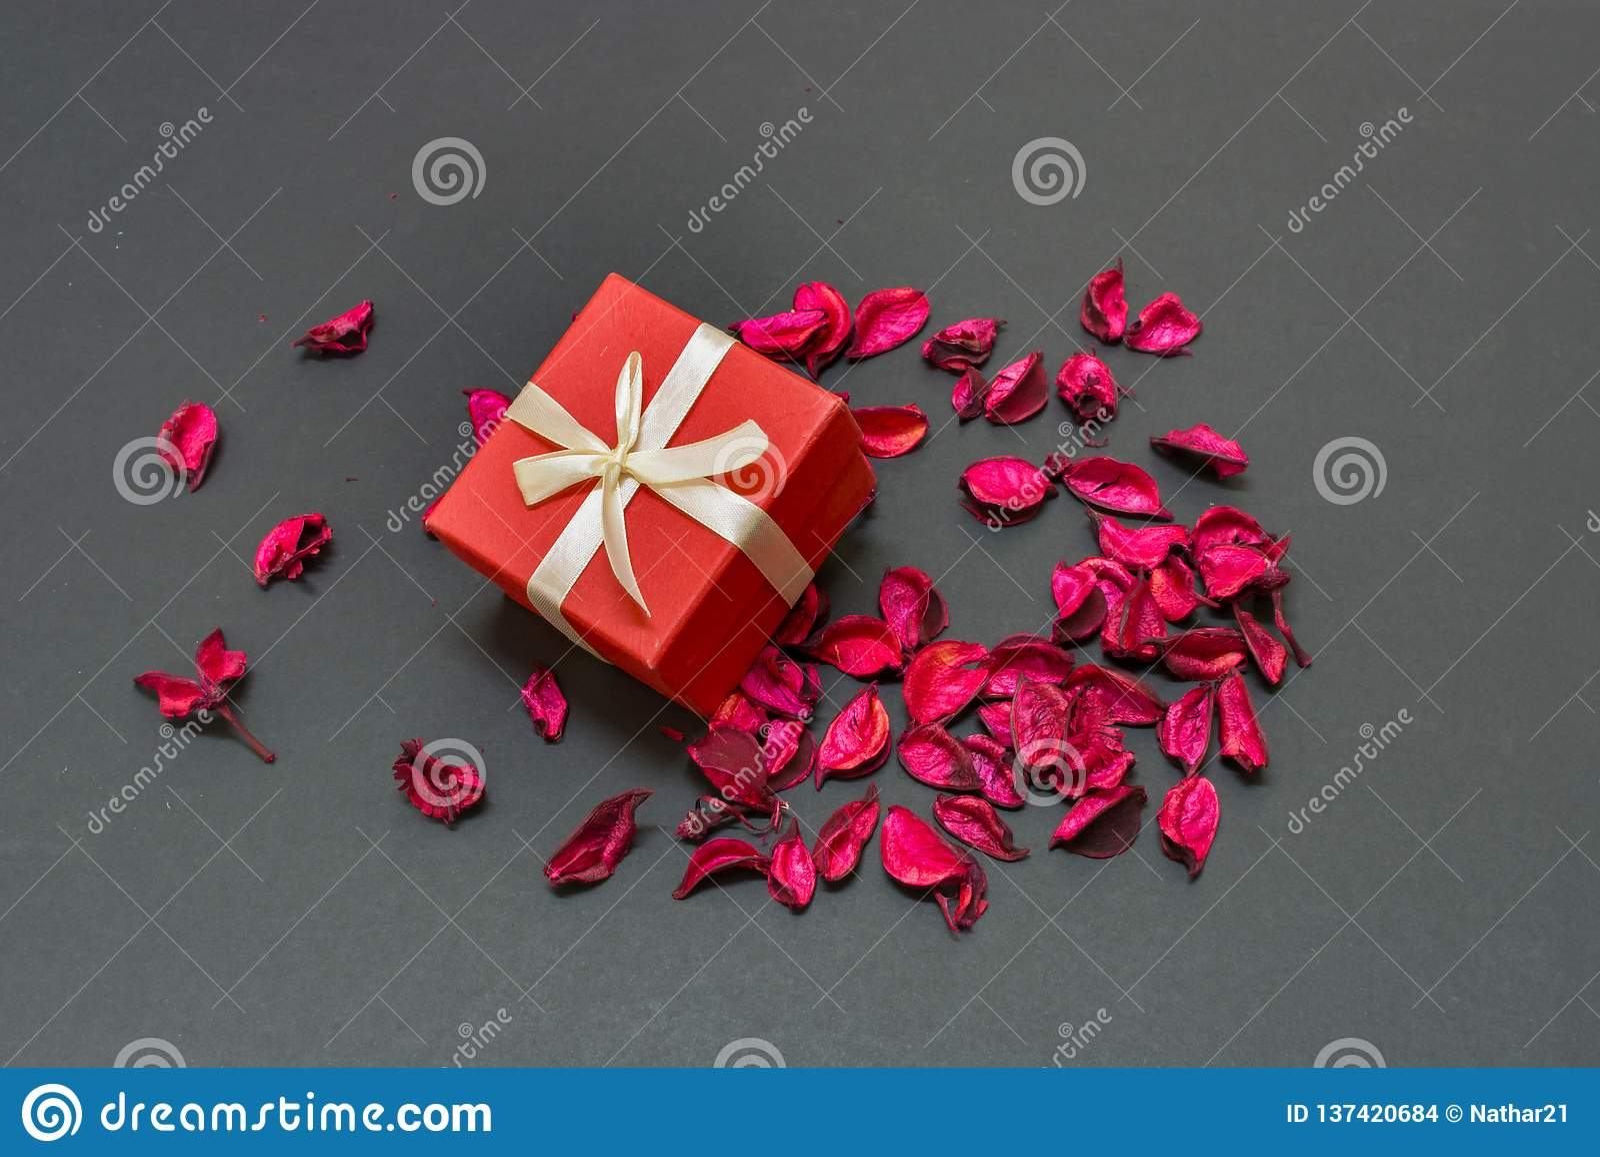 De mooie Gift van de Valentijnskaartendag voor de liefde van het leven in het centrum van roze bloemblaadjes